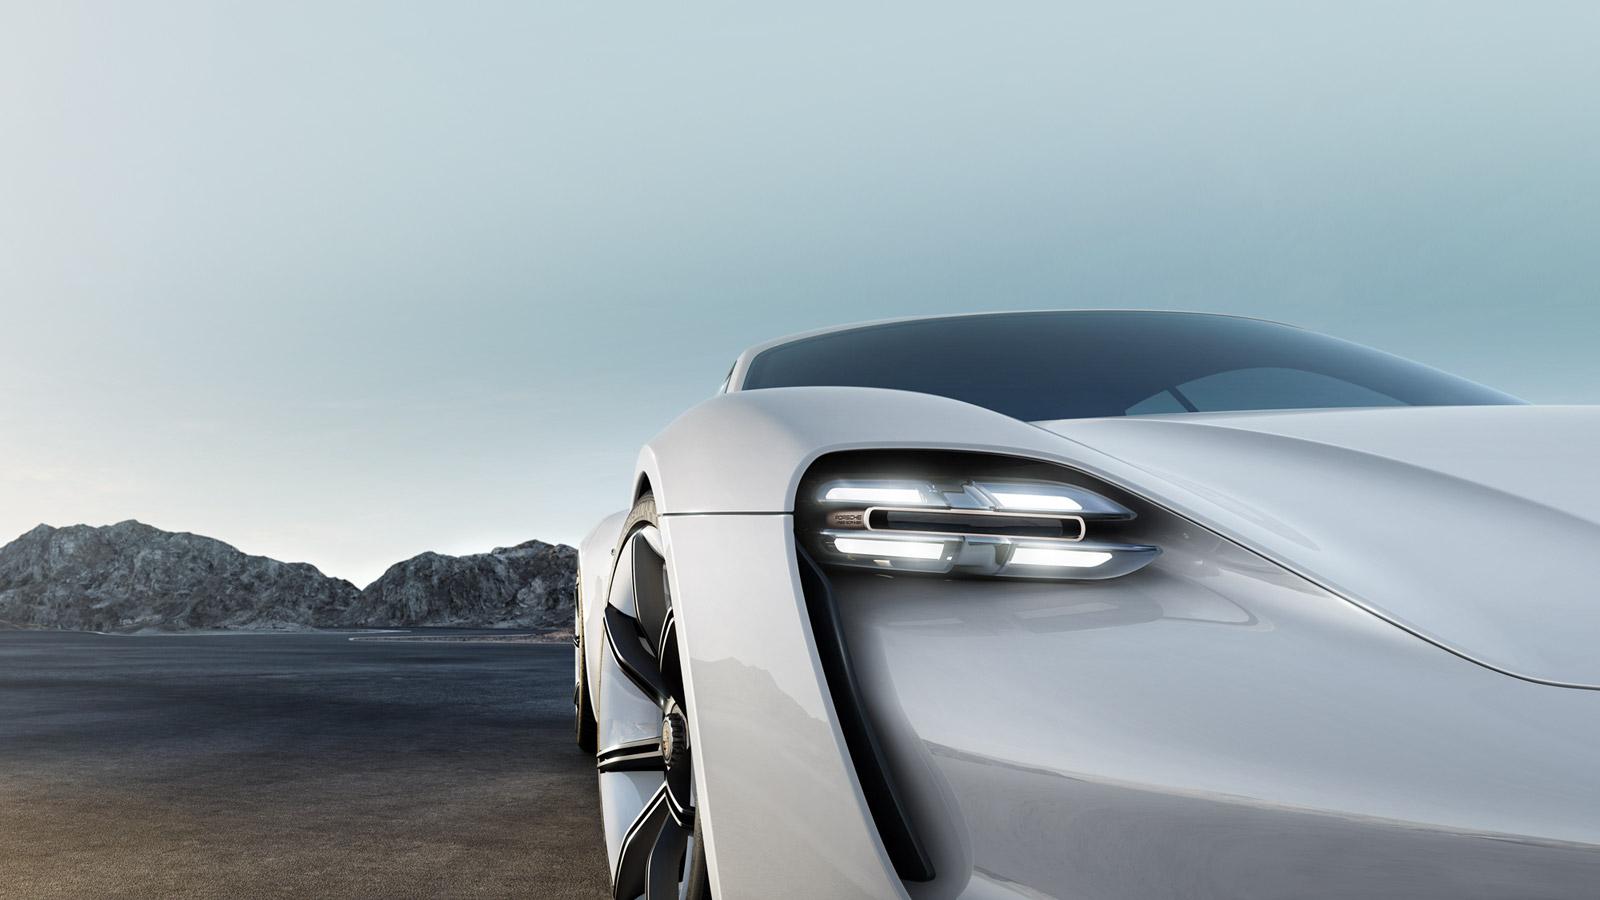 background Σε τρία χρόνια το πρώτο αποκλειστικά ηλεκτροκίνητο μοντέλο της Porsche